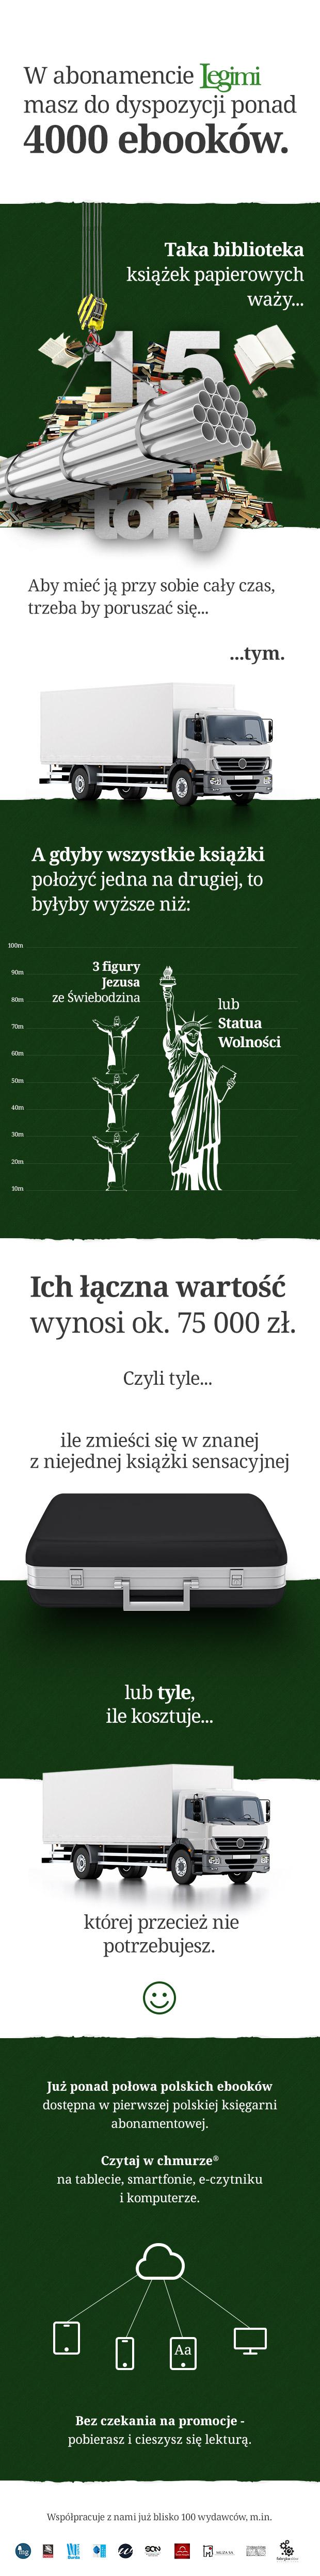 Infografika: 4000 ebooków, książki papierowe miałyby wysokość Statui Wolności i kosztowały 75 tysięcy, jest to połowa polskich e-booków